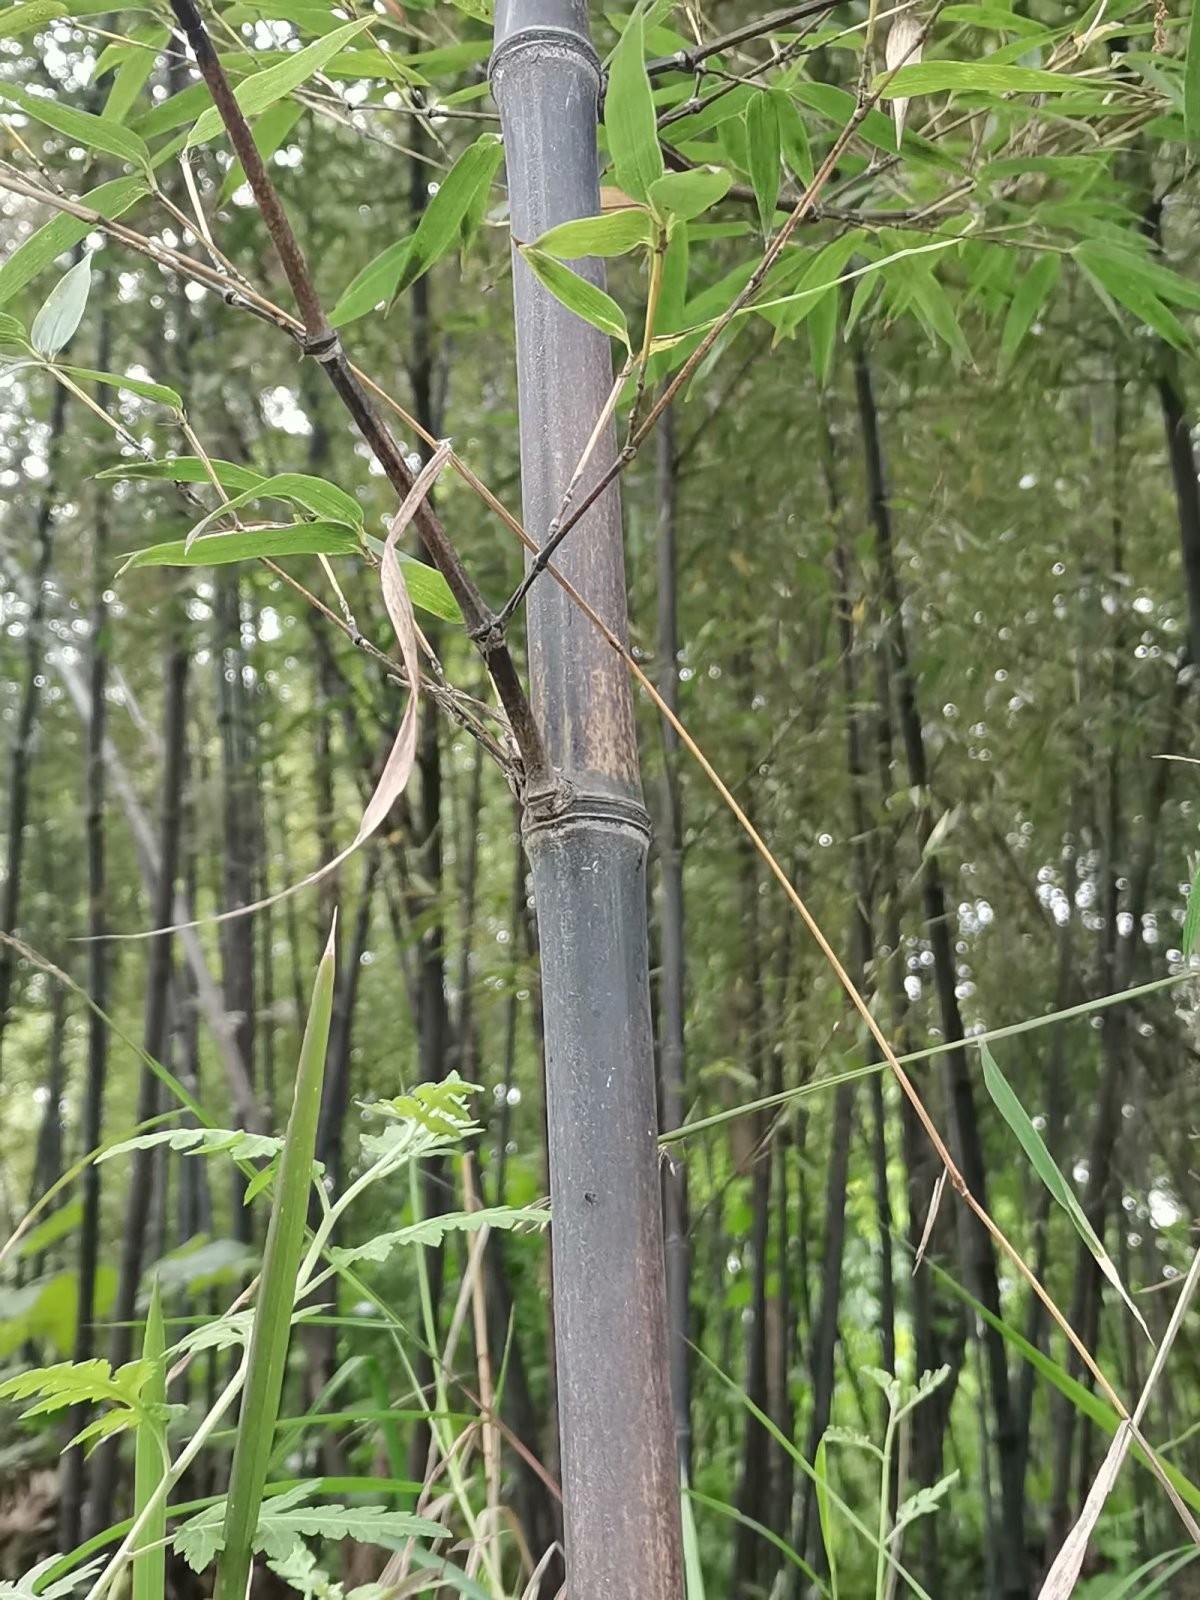 苏家老头哪里逃,黑色竹子找到了,罚你老酒三斗碗,快来了断别讨饶 ..._图1-1